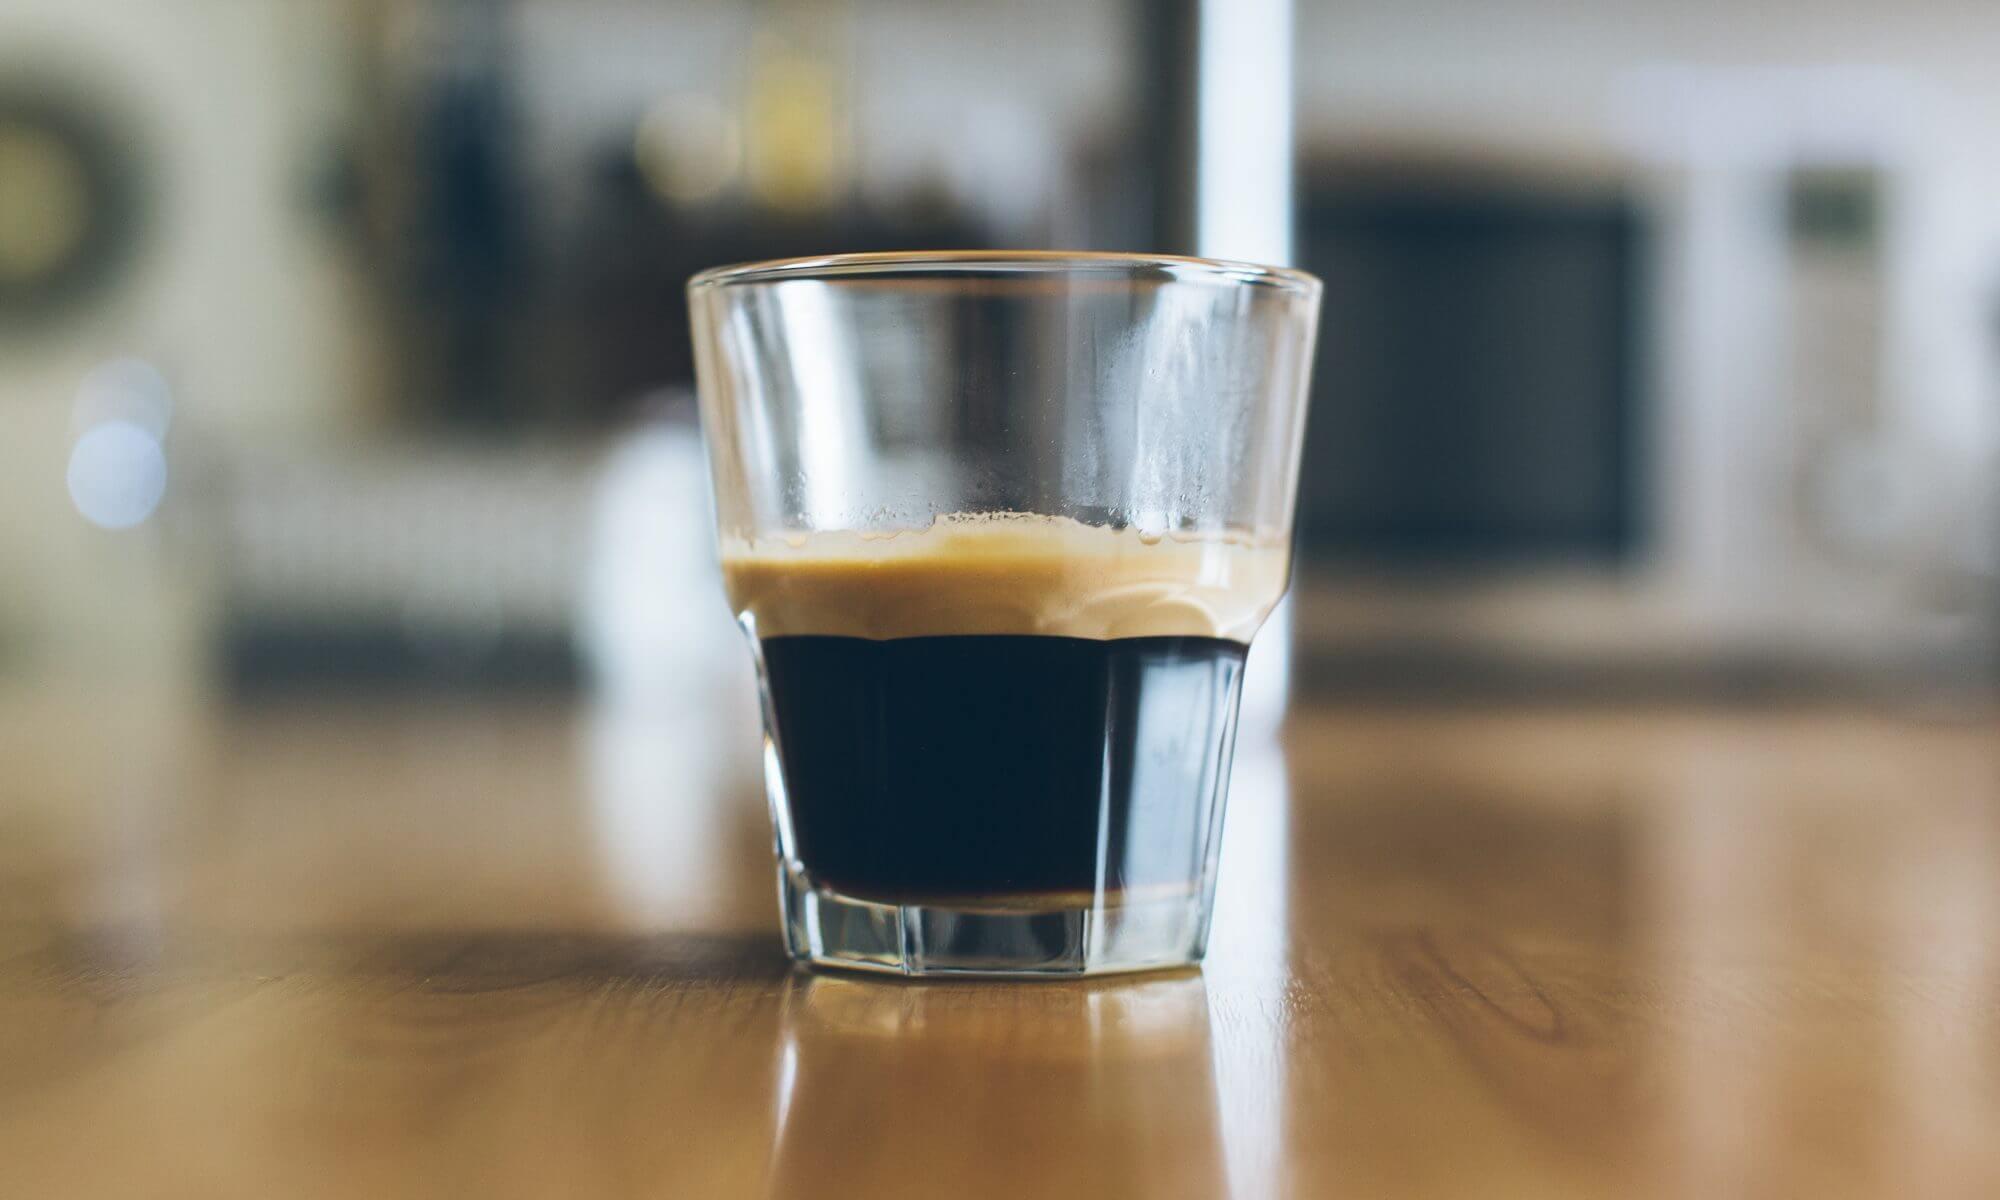 Koffie in een glas